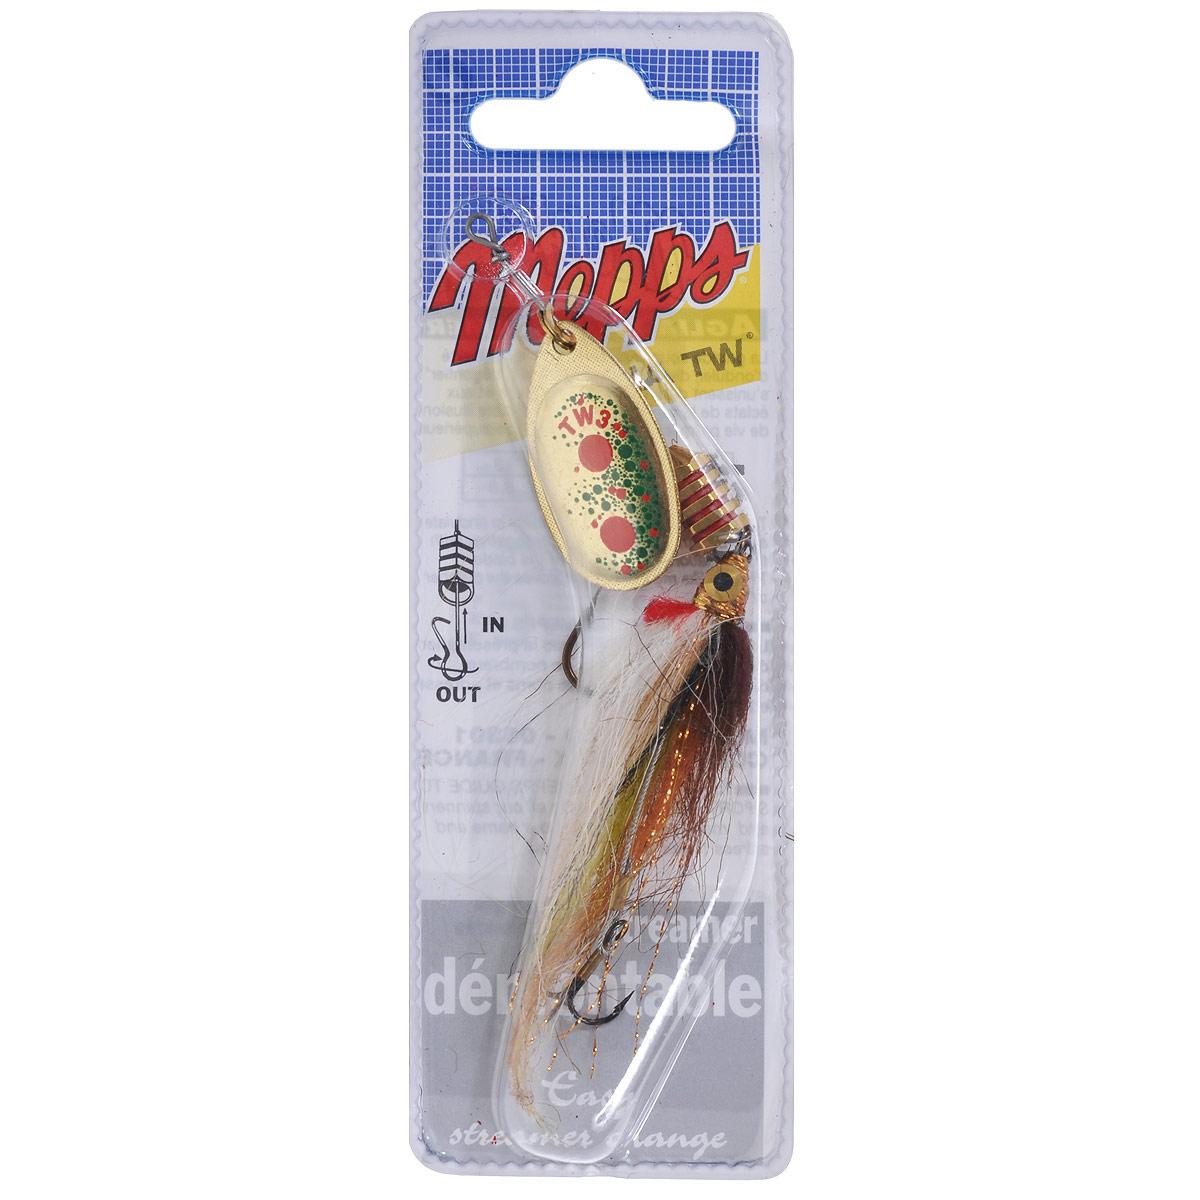 Блесна Mepps Aglia TW Streamer OR, вращающаяся, №34522Вращающаяся блесна Mepps Aglia TW Streamer OR - новый вид блесны, снабженной стримером ручной работы на снасти, состоящей из тройника и одинарного крючка. Лучше всего приманка работает при использовании легких удилищ и катушек в сочетании с тонкой леской рыбаком, обладающим навыком дальнего заброса легких приманок. Блесна хорошо себя показывает при проводке умеренной скорости (на быстром течении приманку достаточно удерживать на одном месте). Вибрация, рождающаяся при вращении лепестка, вызывает сложные движения стримера, безотказно привлекающие рыбу. Эффективность приманивающего эффекта усиливается колебанием тела блесны. Через гибкую ось стример связан с передним одинарным крючком и хвостовым тройником. Он сплетен из волокон более чем десяти различных цветов. Особенно выделяются глаза, жабры ярко-красного цвета, маленькие блестки по всему корпусу и боковая линия.